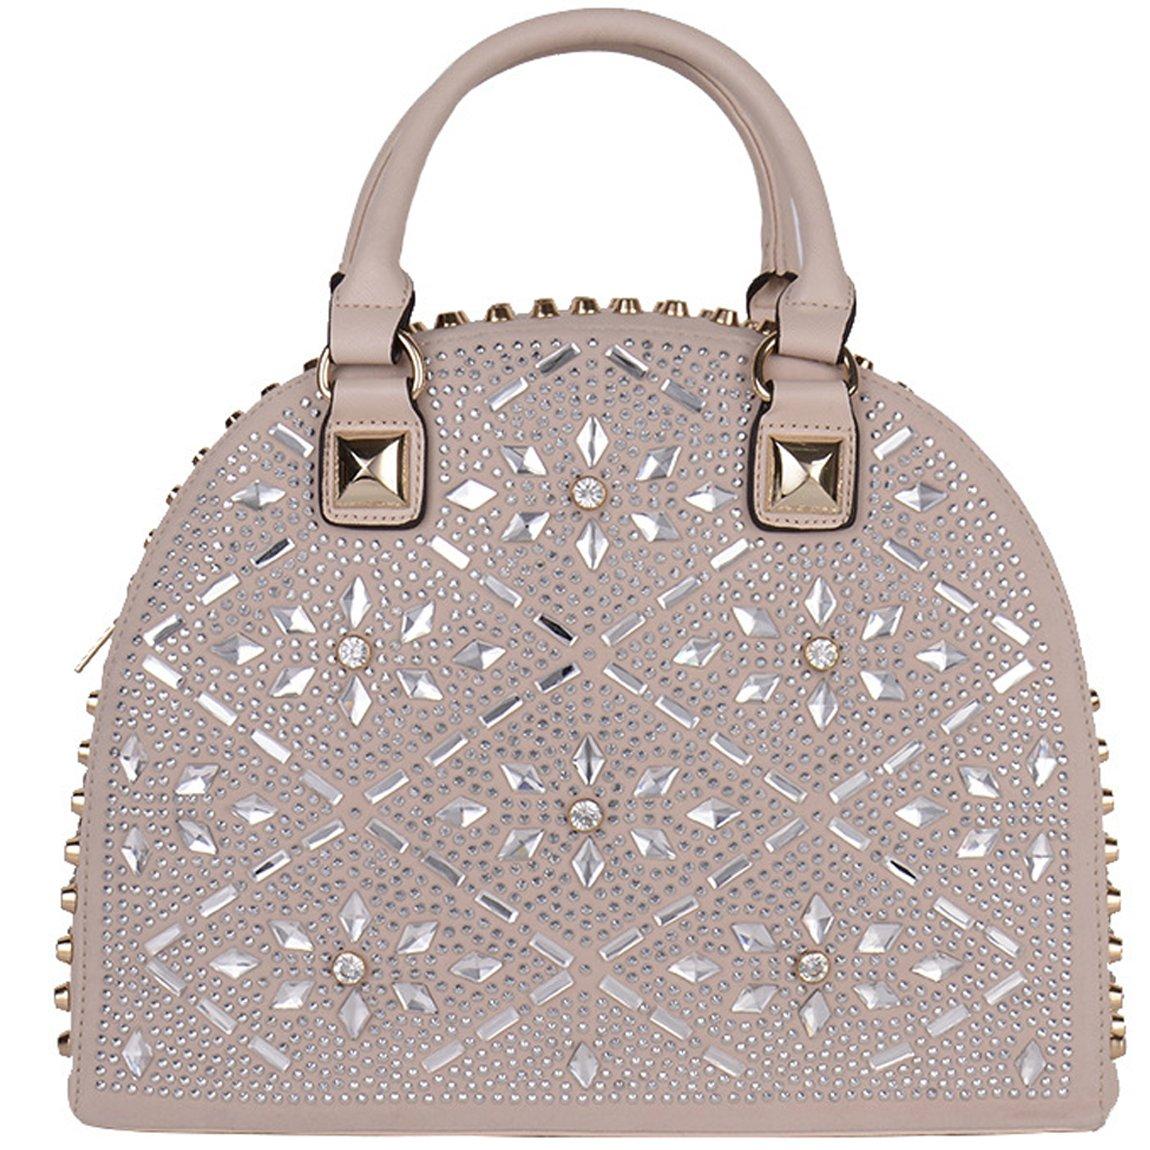 KAXIDY Ladies Handbags PU Leather Shoulder Bags Ladies Totes Bags (Beige)